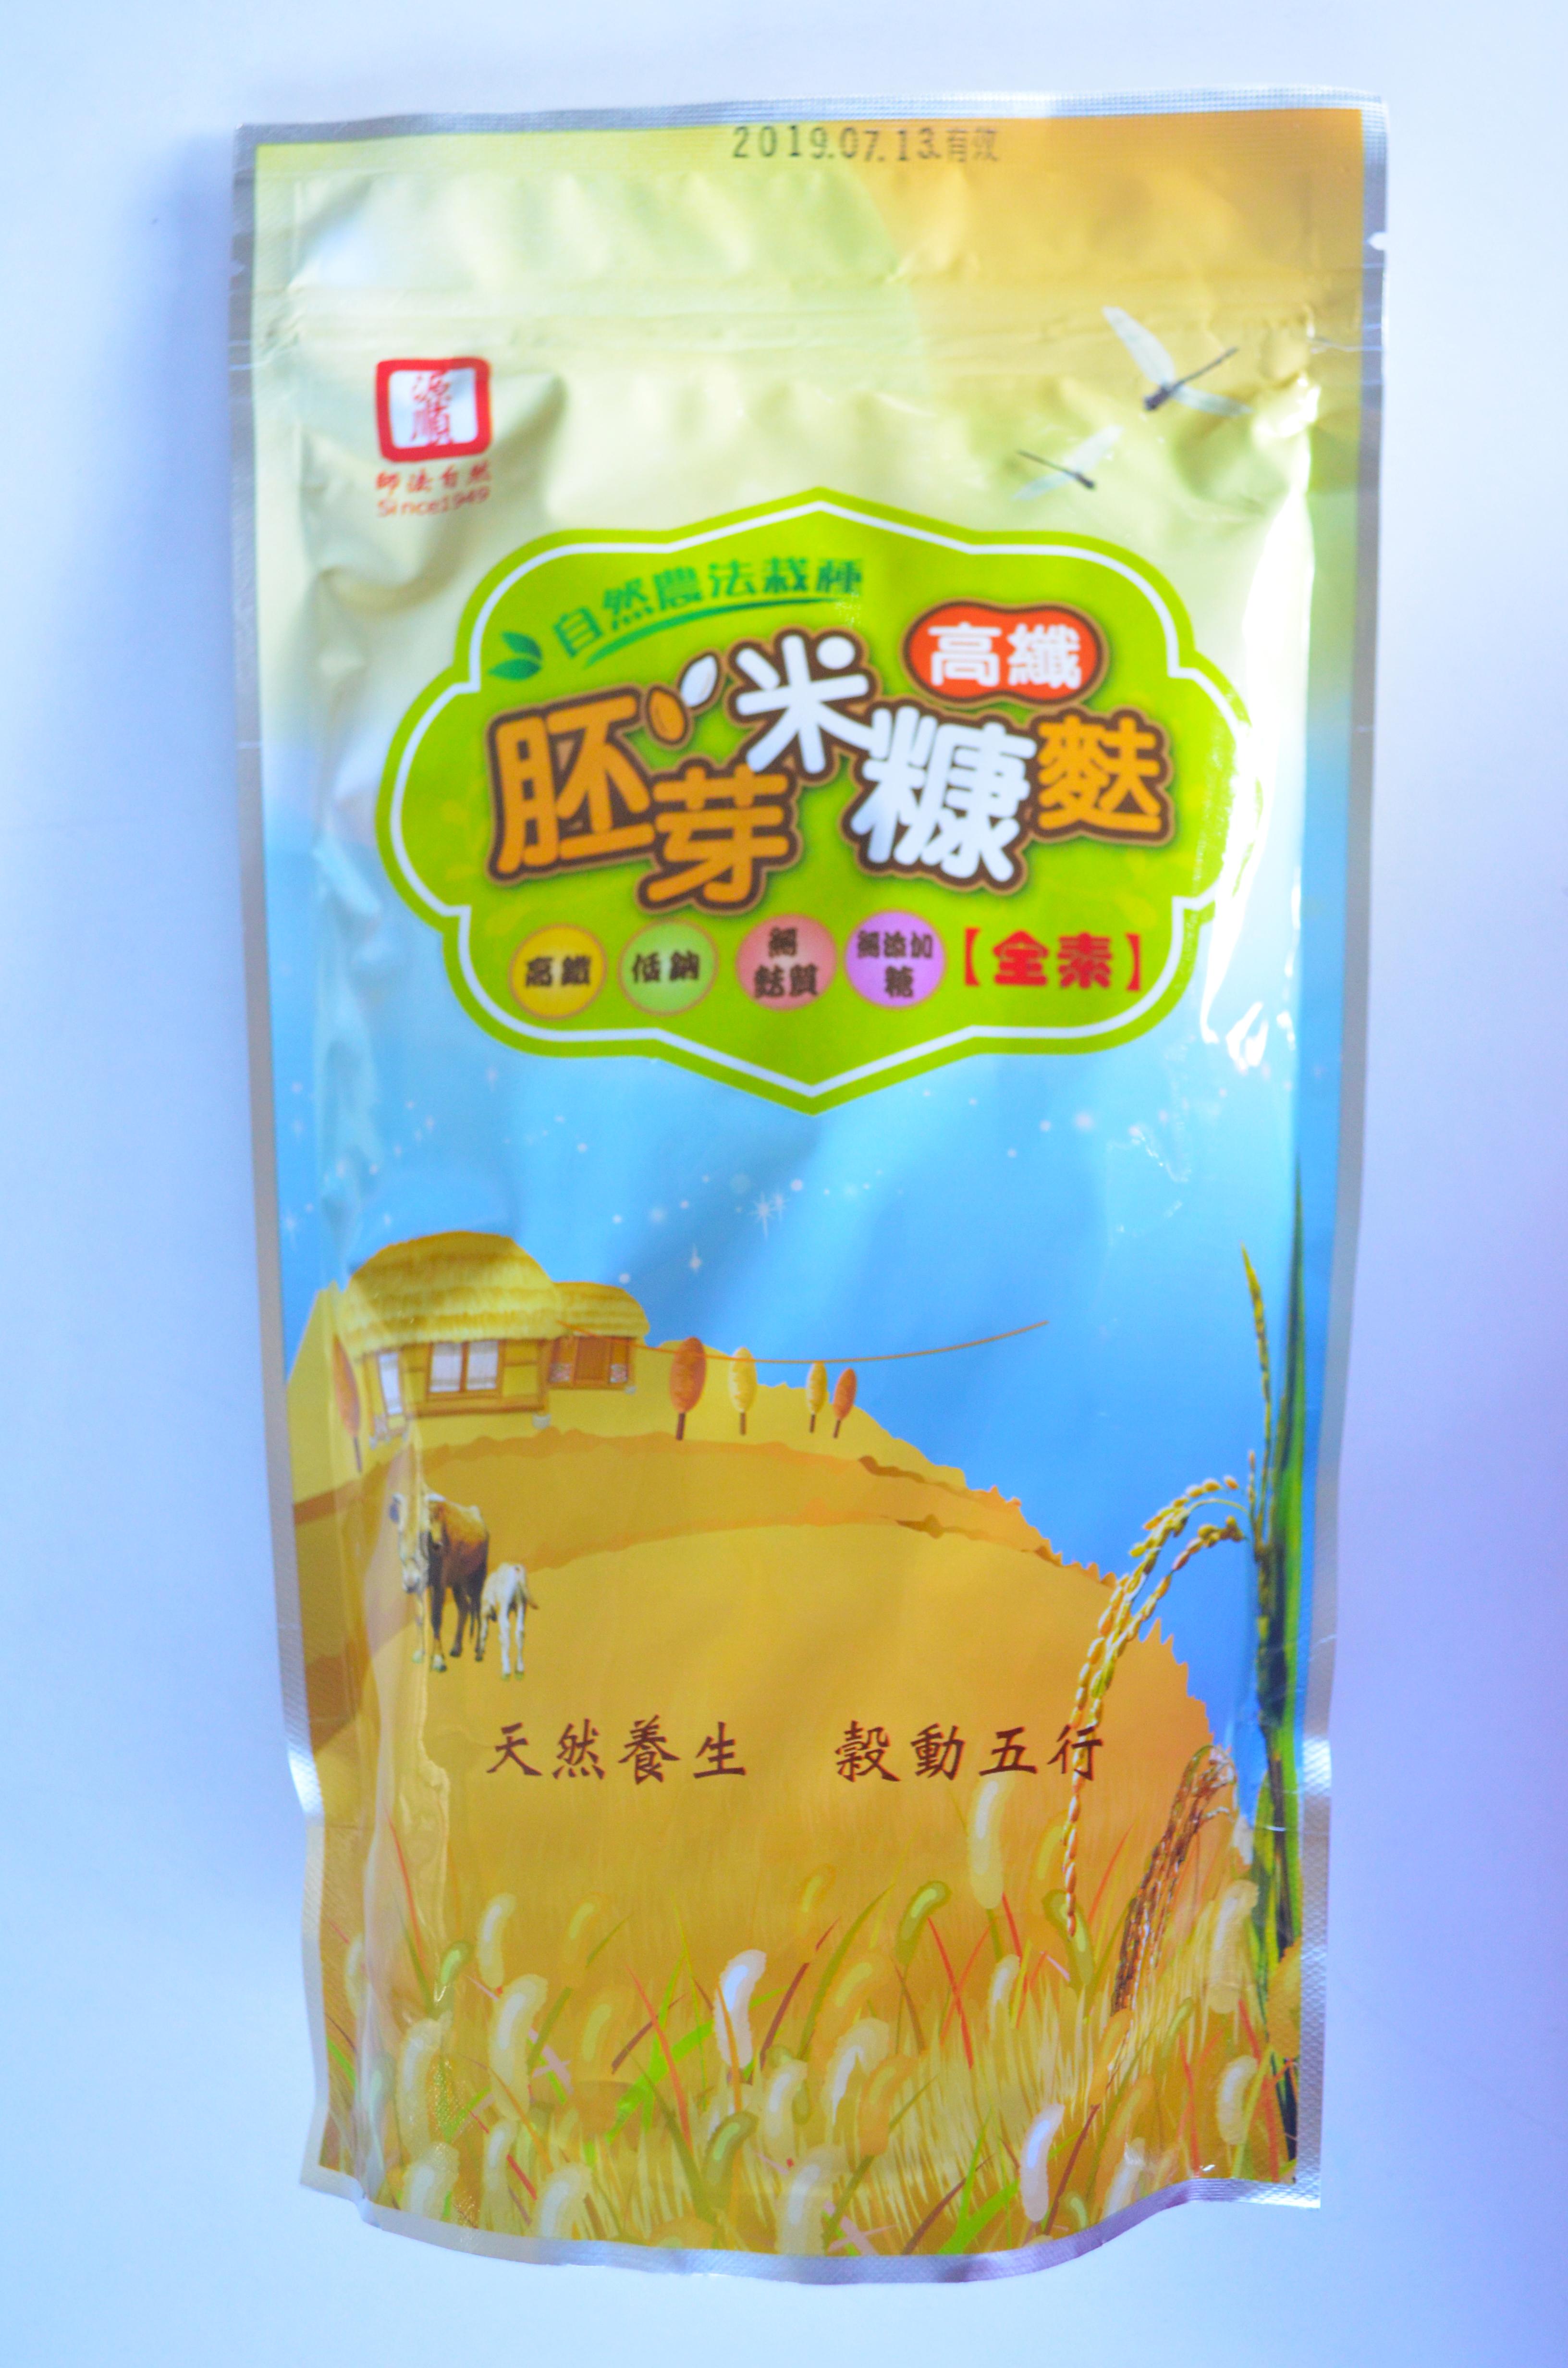 【源順】高纖胚芽米糠麩-無添加糖